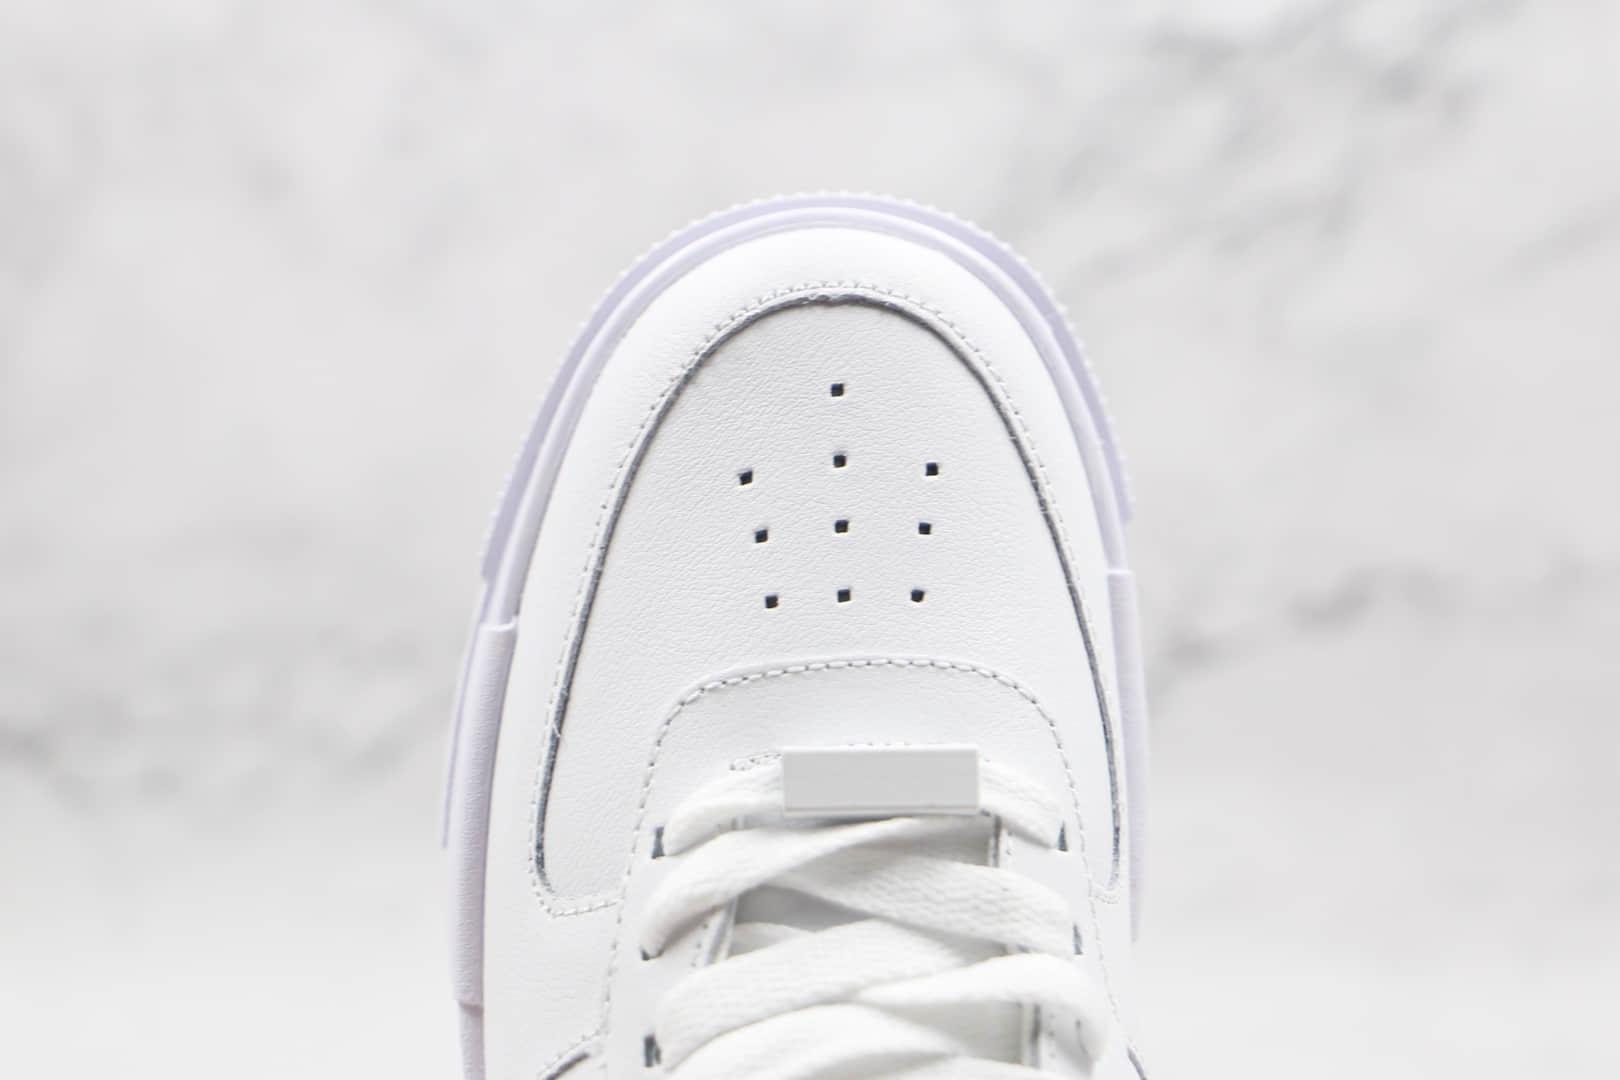 耐克Nike AIR FMRCE 1 PIXEL SE纯原版本低帮空军一号豹纹解构板鞋原楦头纸板打造 货号:DH9632-101